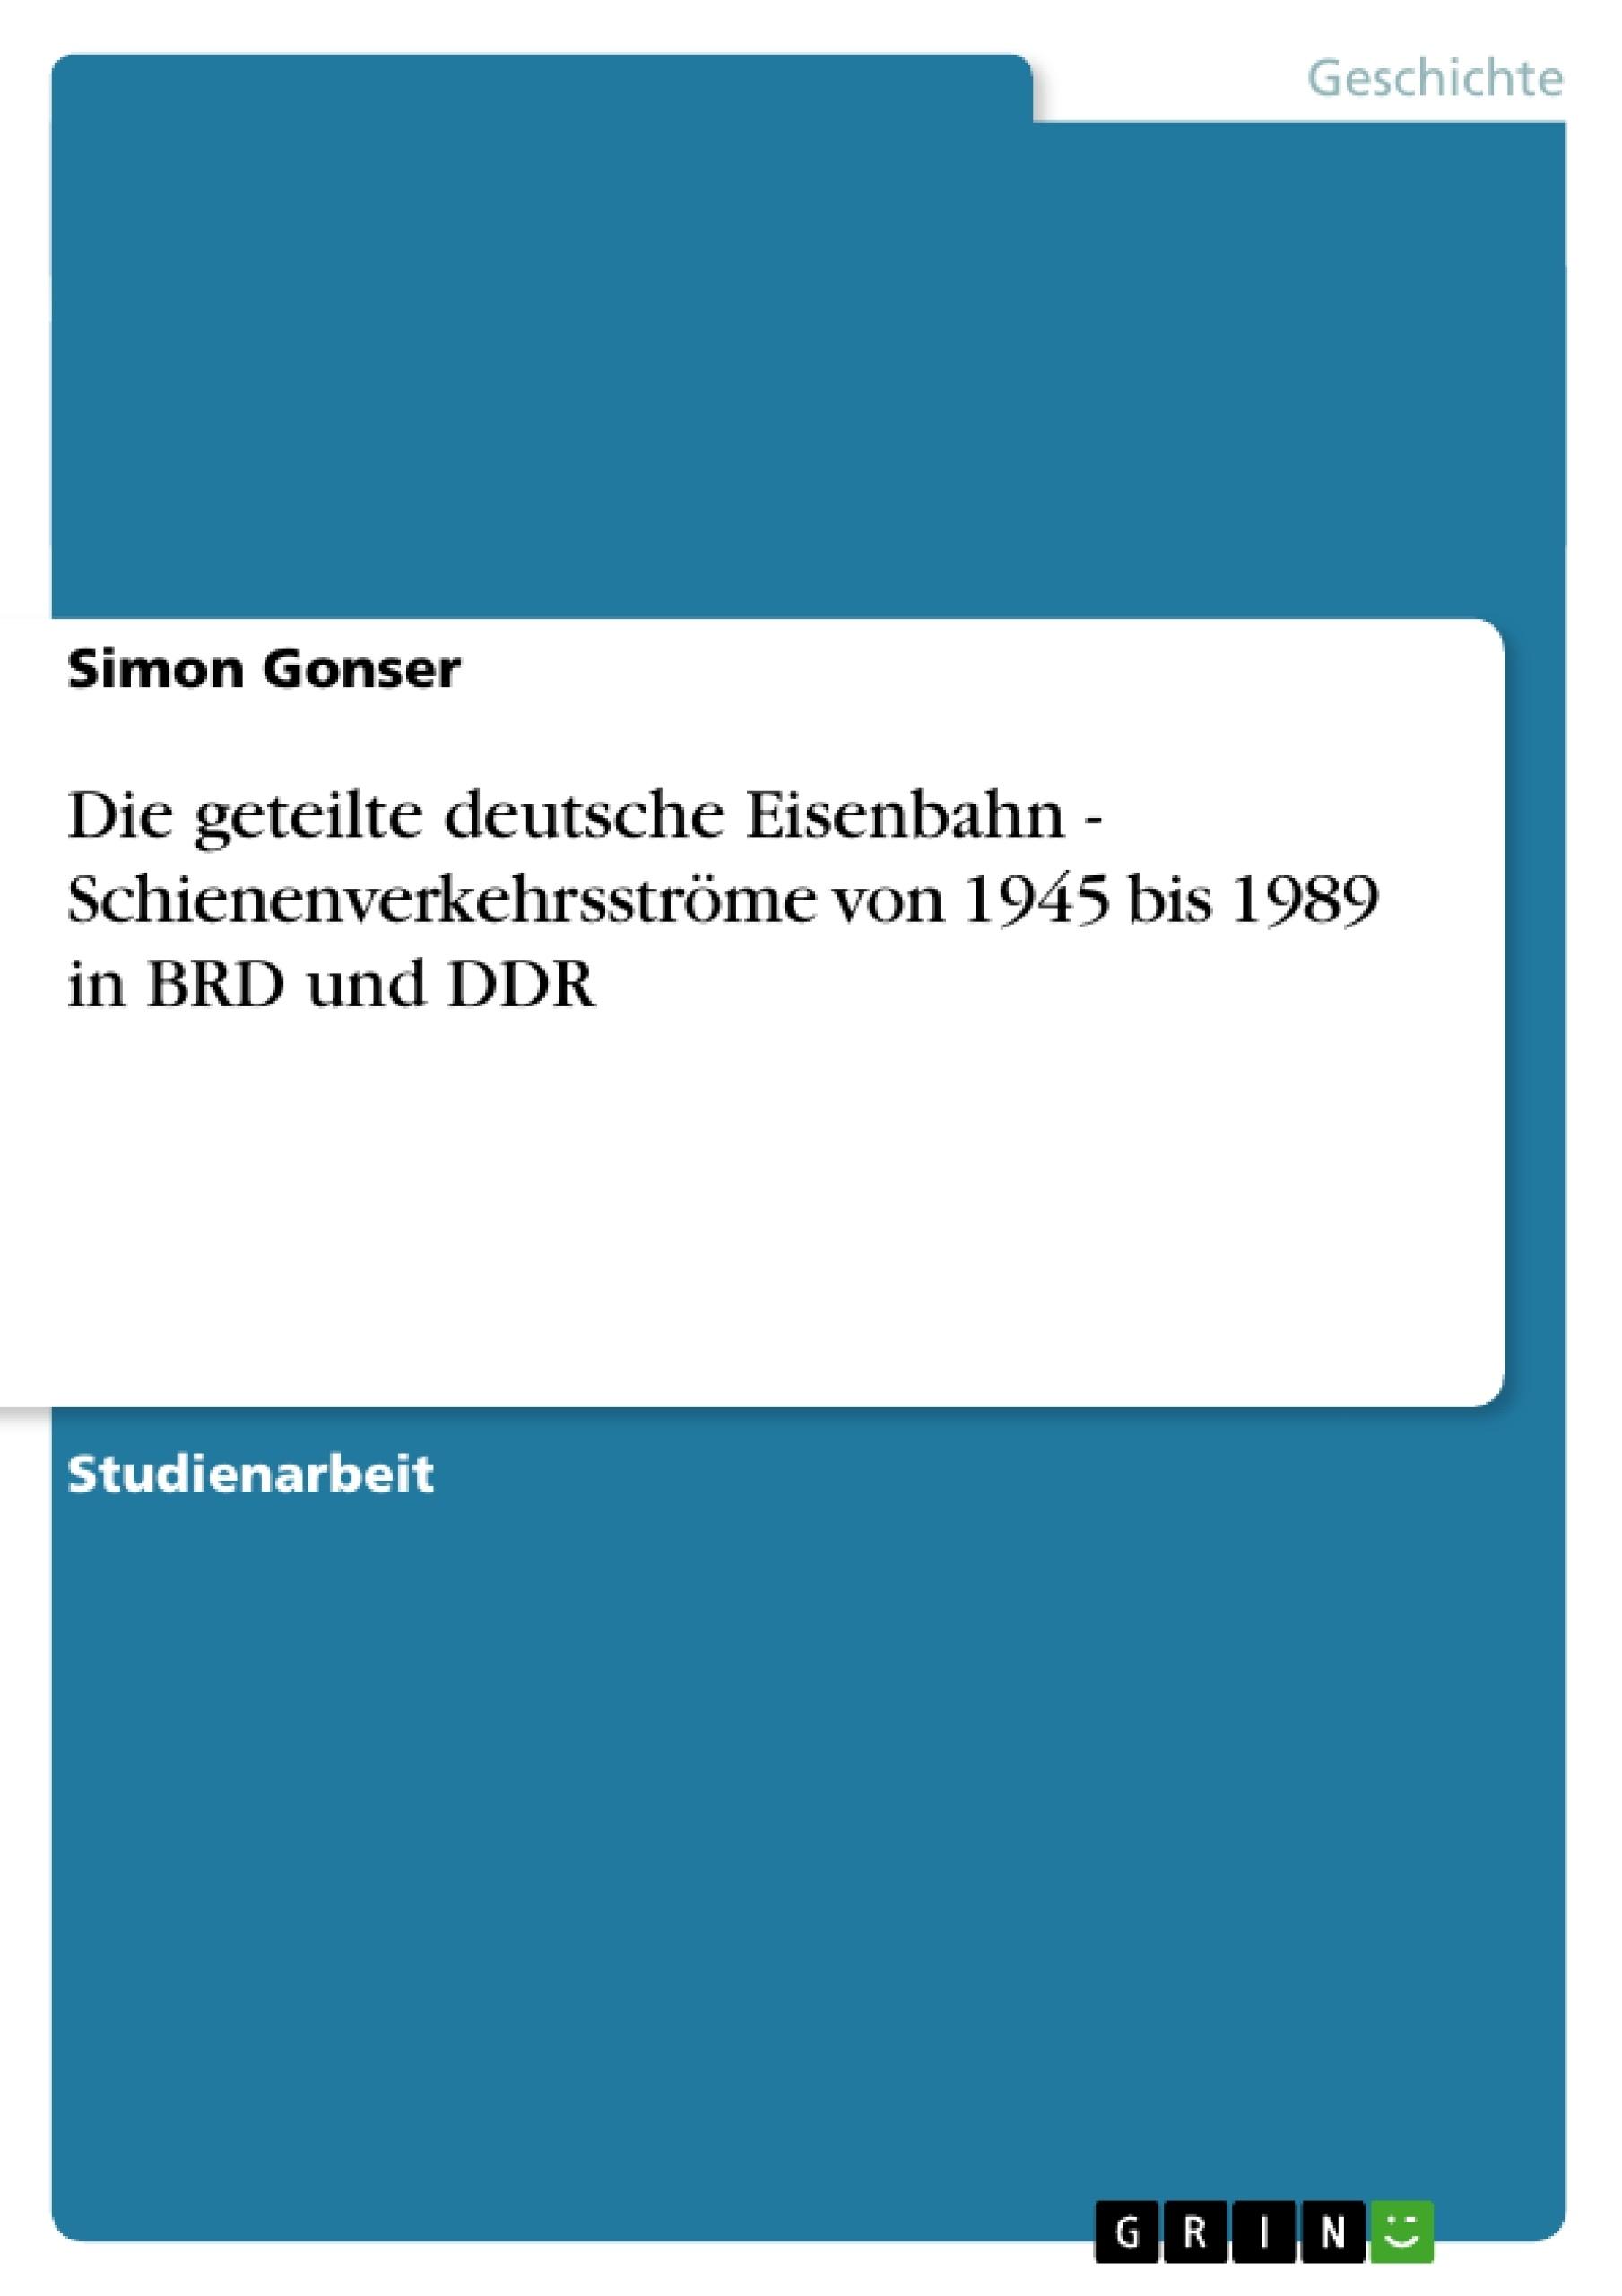 Titel: Die geteilte deutsche Eisenbahn - Schienenverkehrsströme von 1945 bis 1989 in BRD und DDR